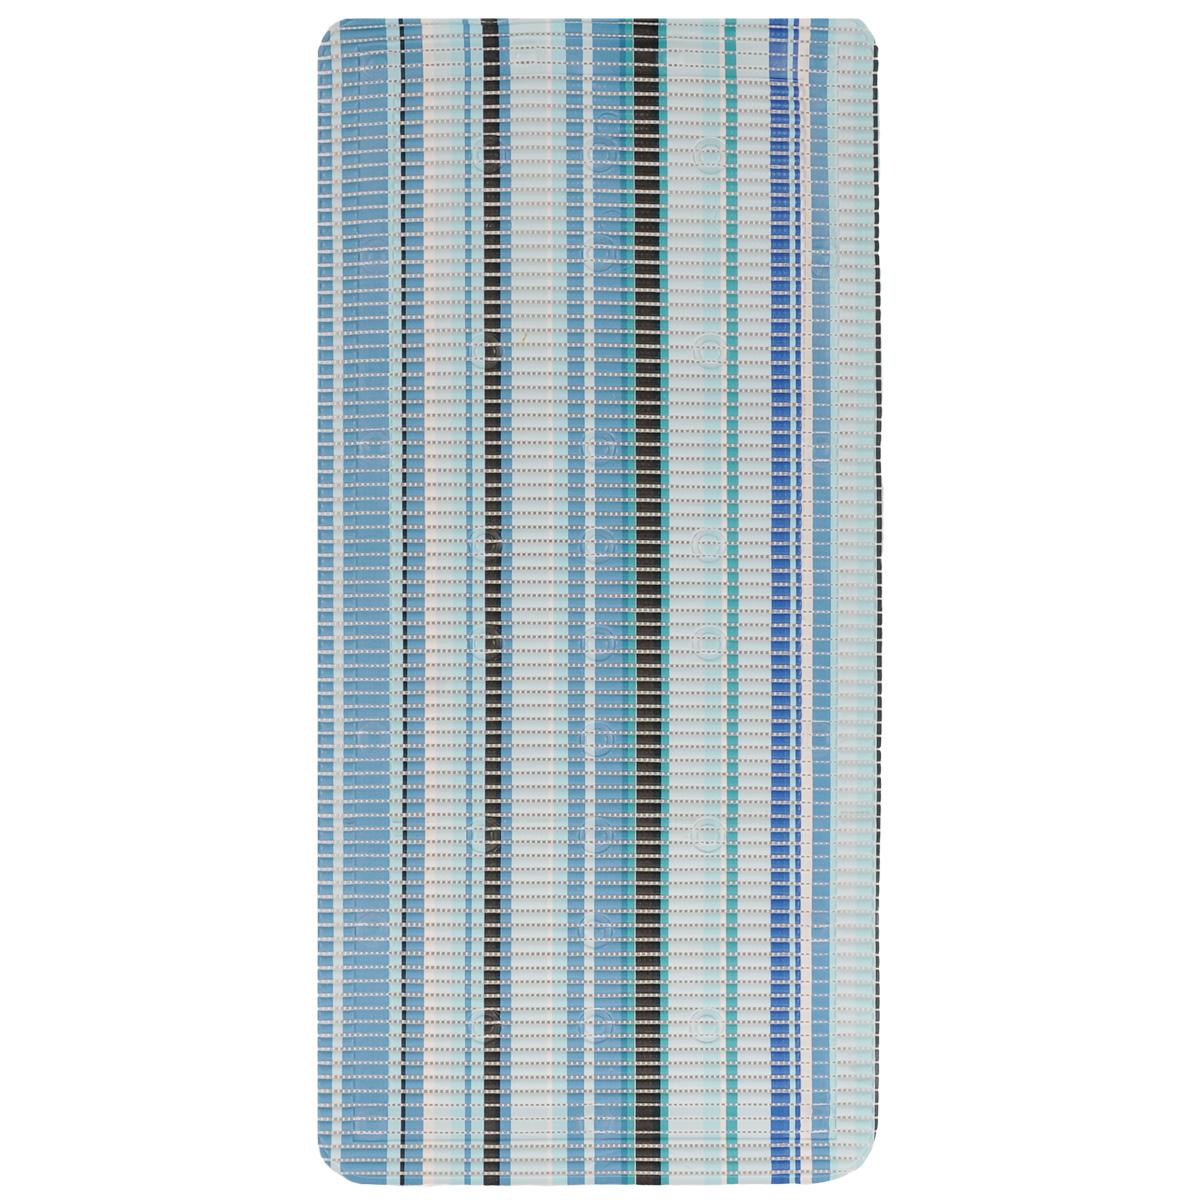 Коврик для ванной Fresh Code, на присосках, цвет: синий, 90 х 43 см55765 синийКоврик для ванной Fresh Code из мягкого ПВХ создаст комфортное антискользящее покрытие в ванной. Крепится ко дну ванны при помощи присосок. Может также использоваться в качестве покрытия для ванной комнаты. Рекомендации по уходу: протрите коврик влажной губкой с мягким моющим средством, тщательно ополосните чистой водой и просушите.